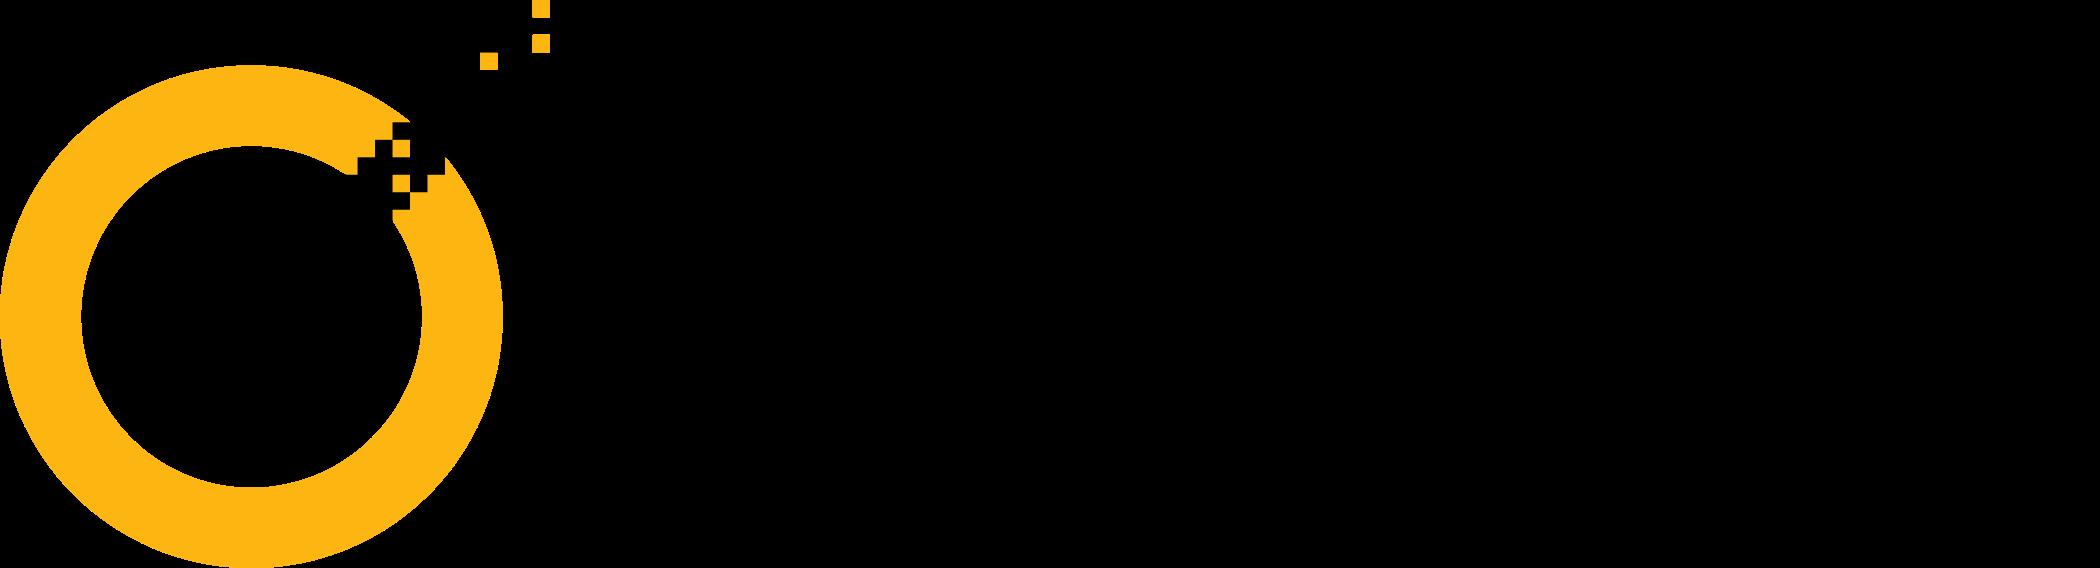 Symantec logo.